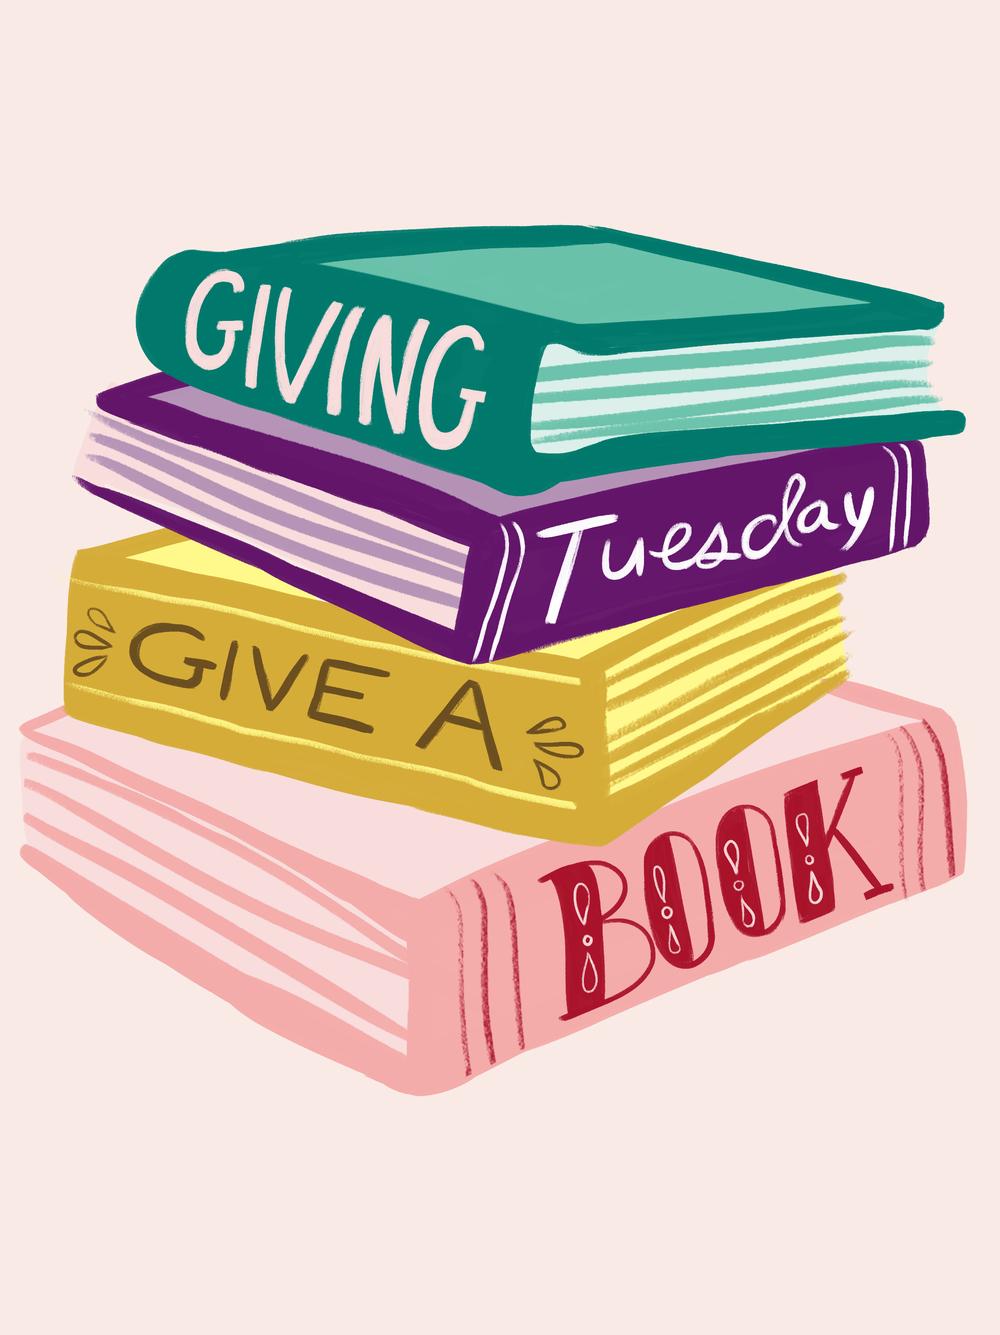 Donate $25 to Kusi Kawsay Library